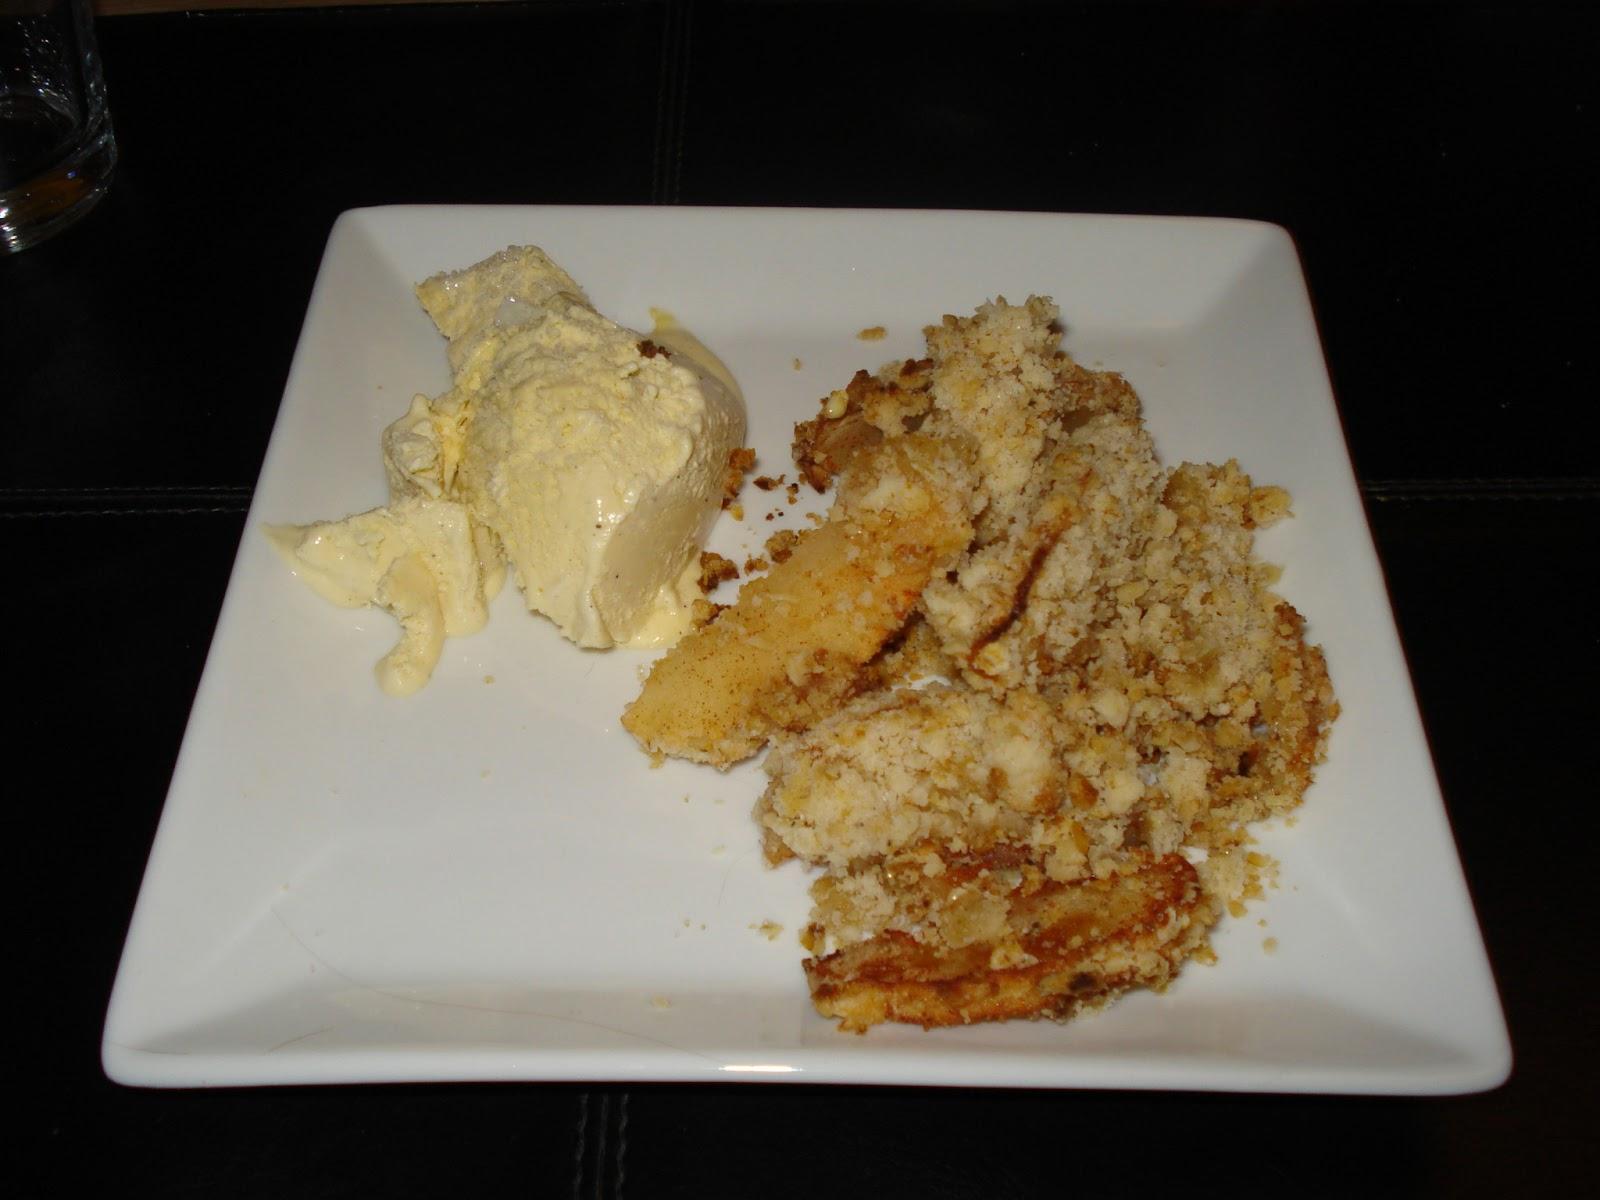 Louises lille madverden: Nem æbletærte med smuldredej - apple crumble